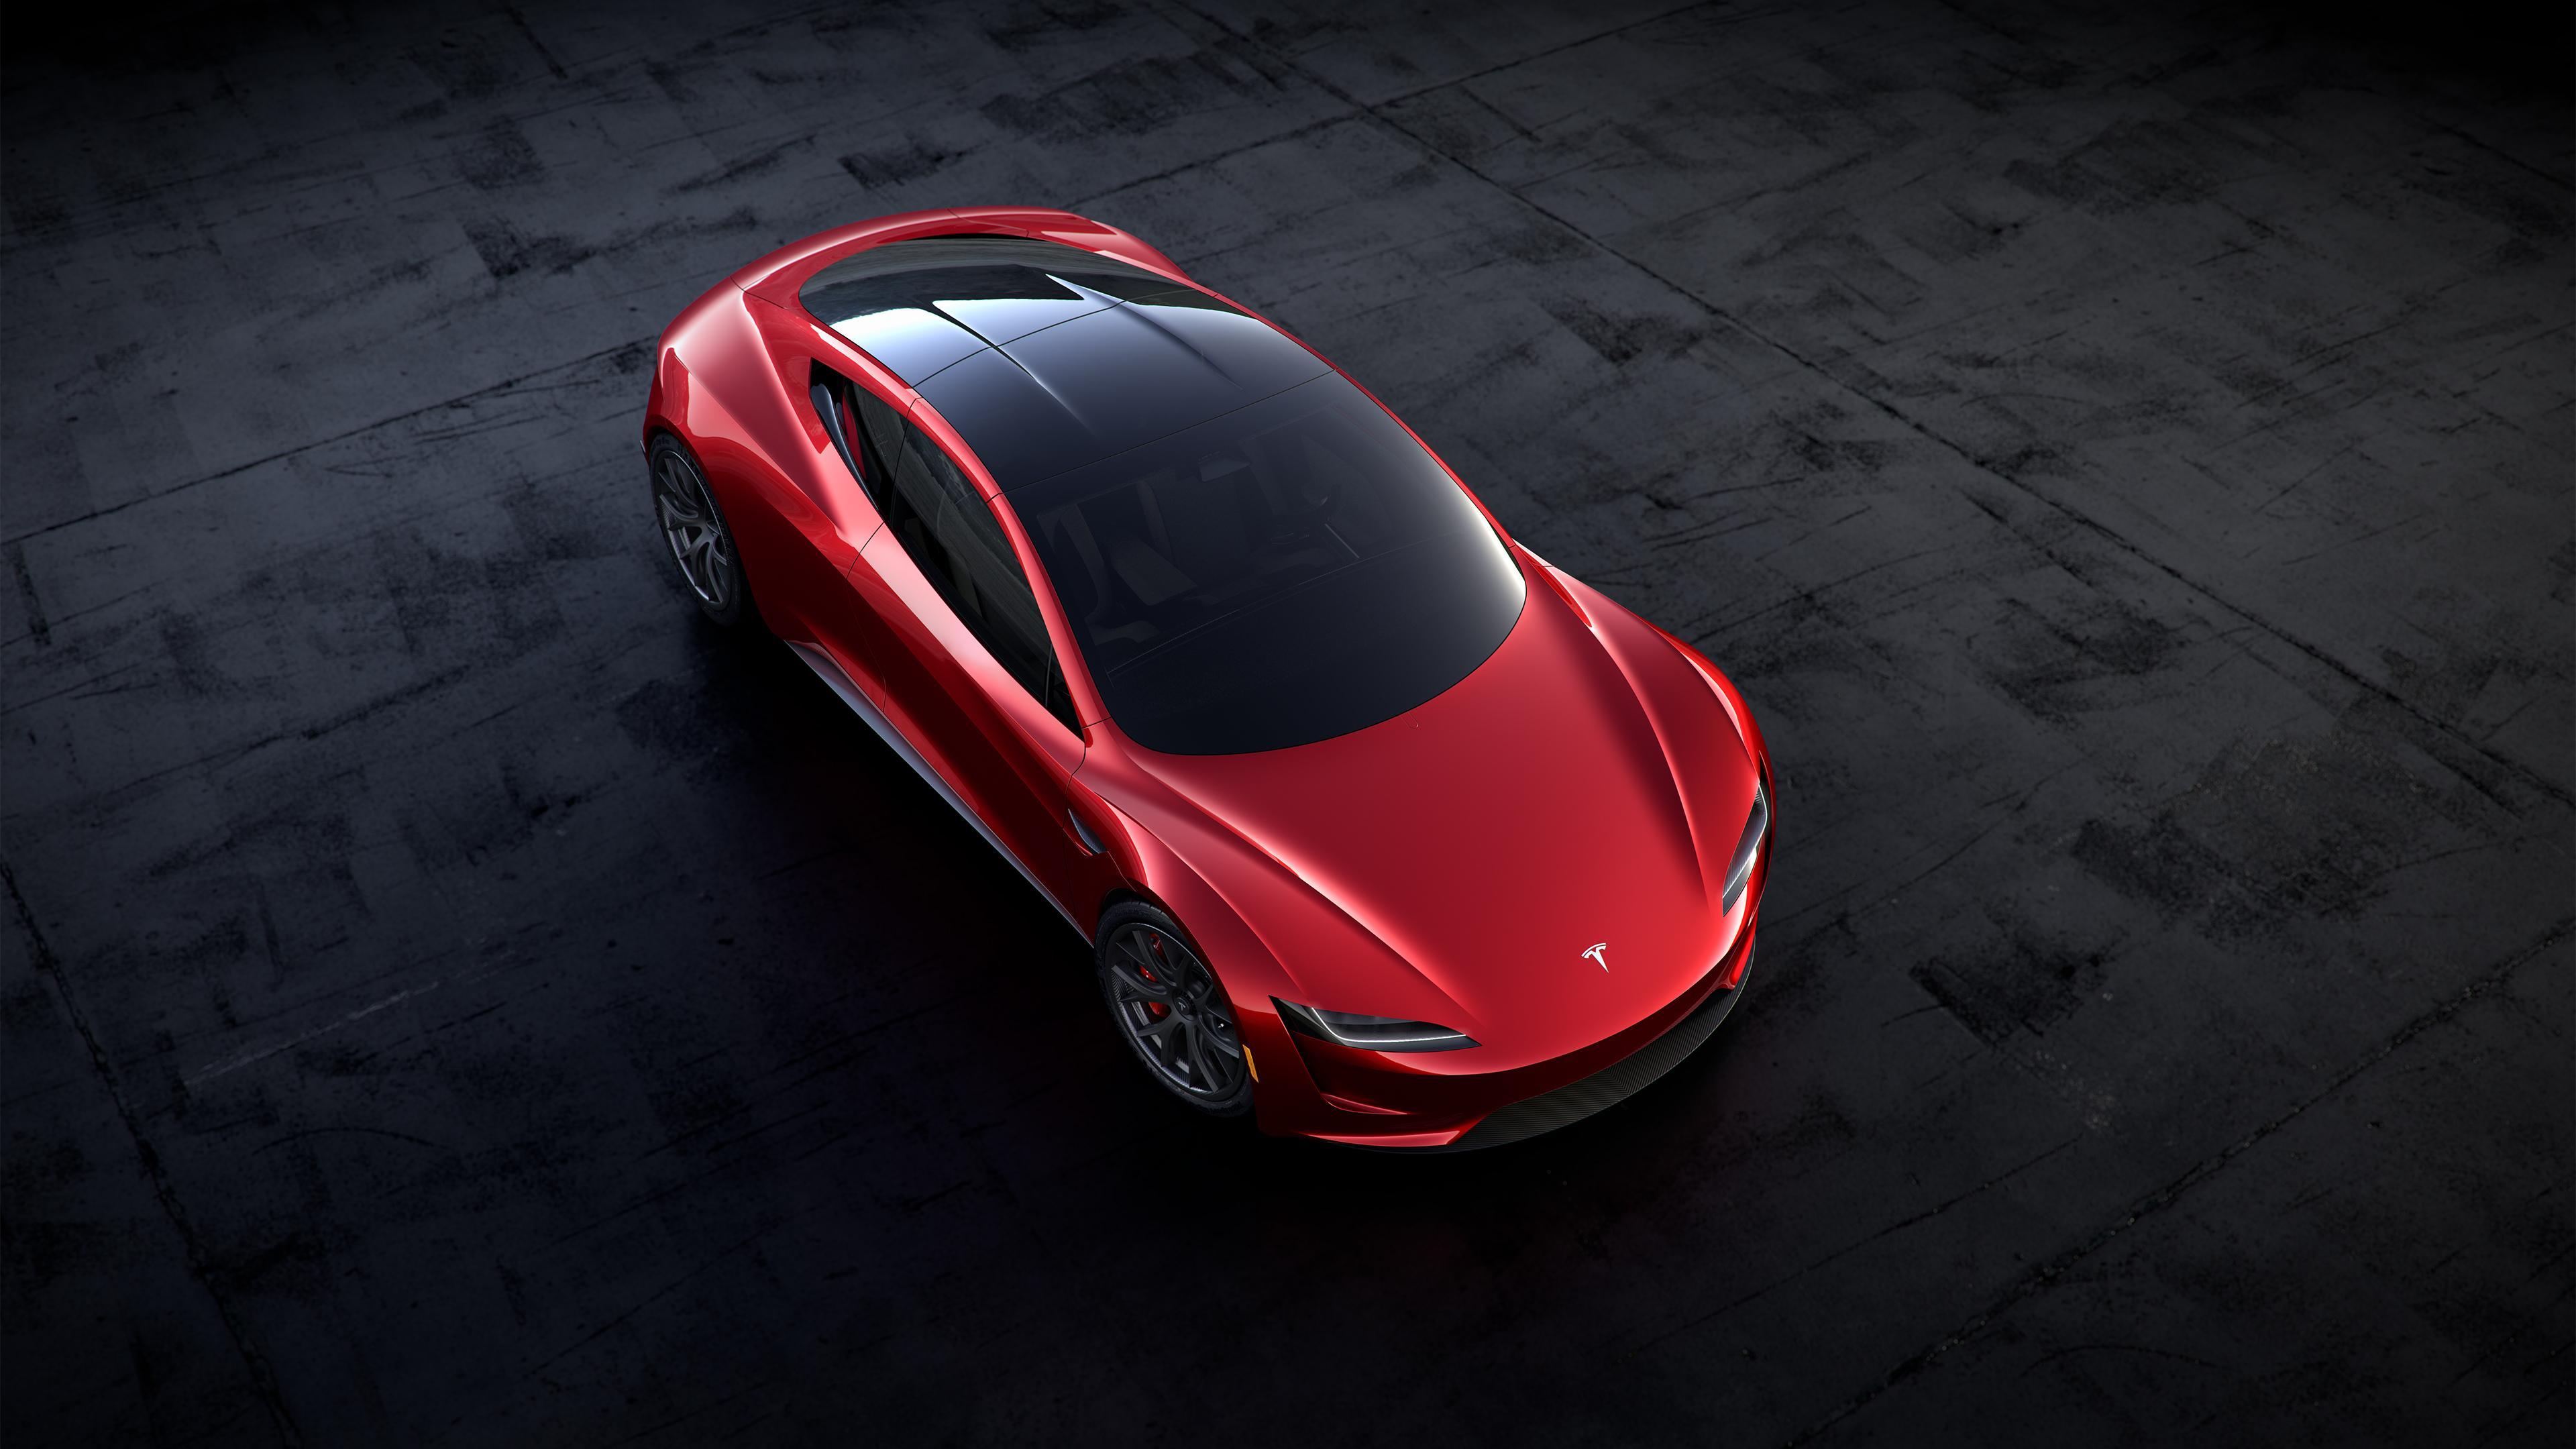 Tesla har i dag blant markedets mest energikompakte batterier, men klarer Dyson å lage faststoffbatterier vil dette endre seg. Bilde: Tesla